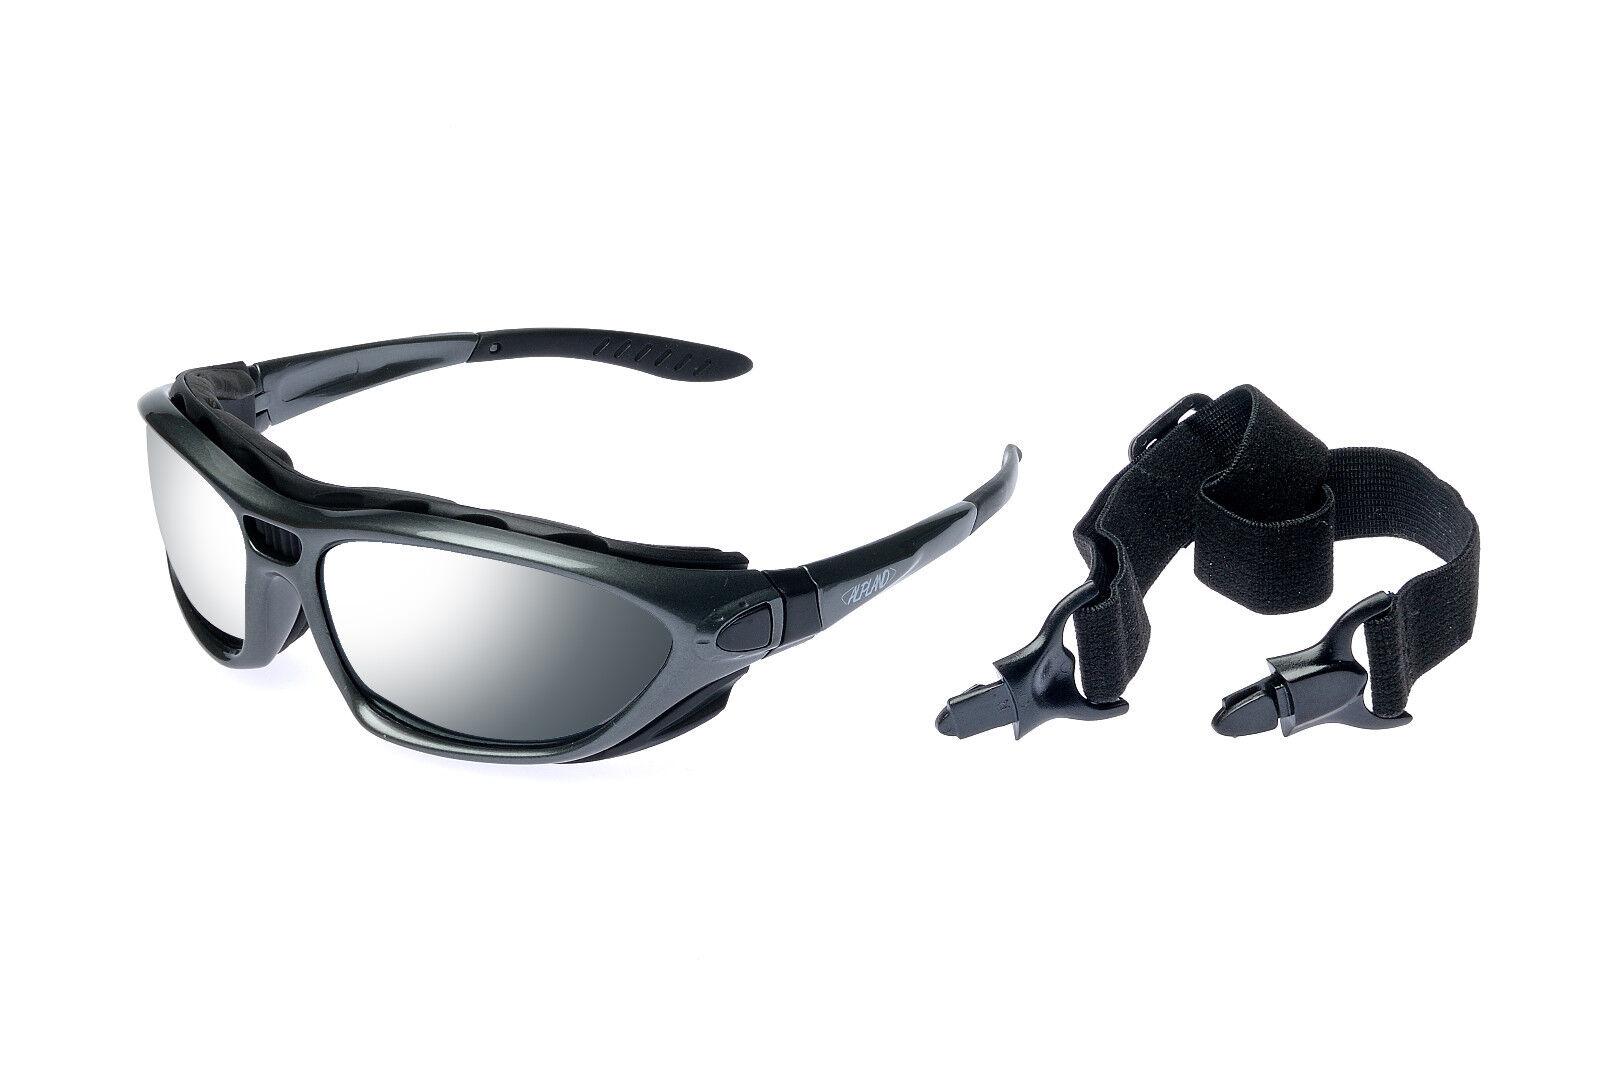 Sonnenbrille Wandern Trekking Sportbrille Skibrille mit seitlichem Blendeschutz Bekleidung Nordic Walking